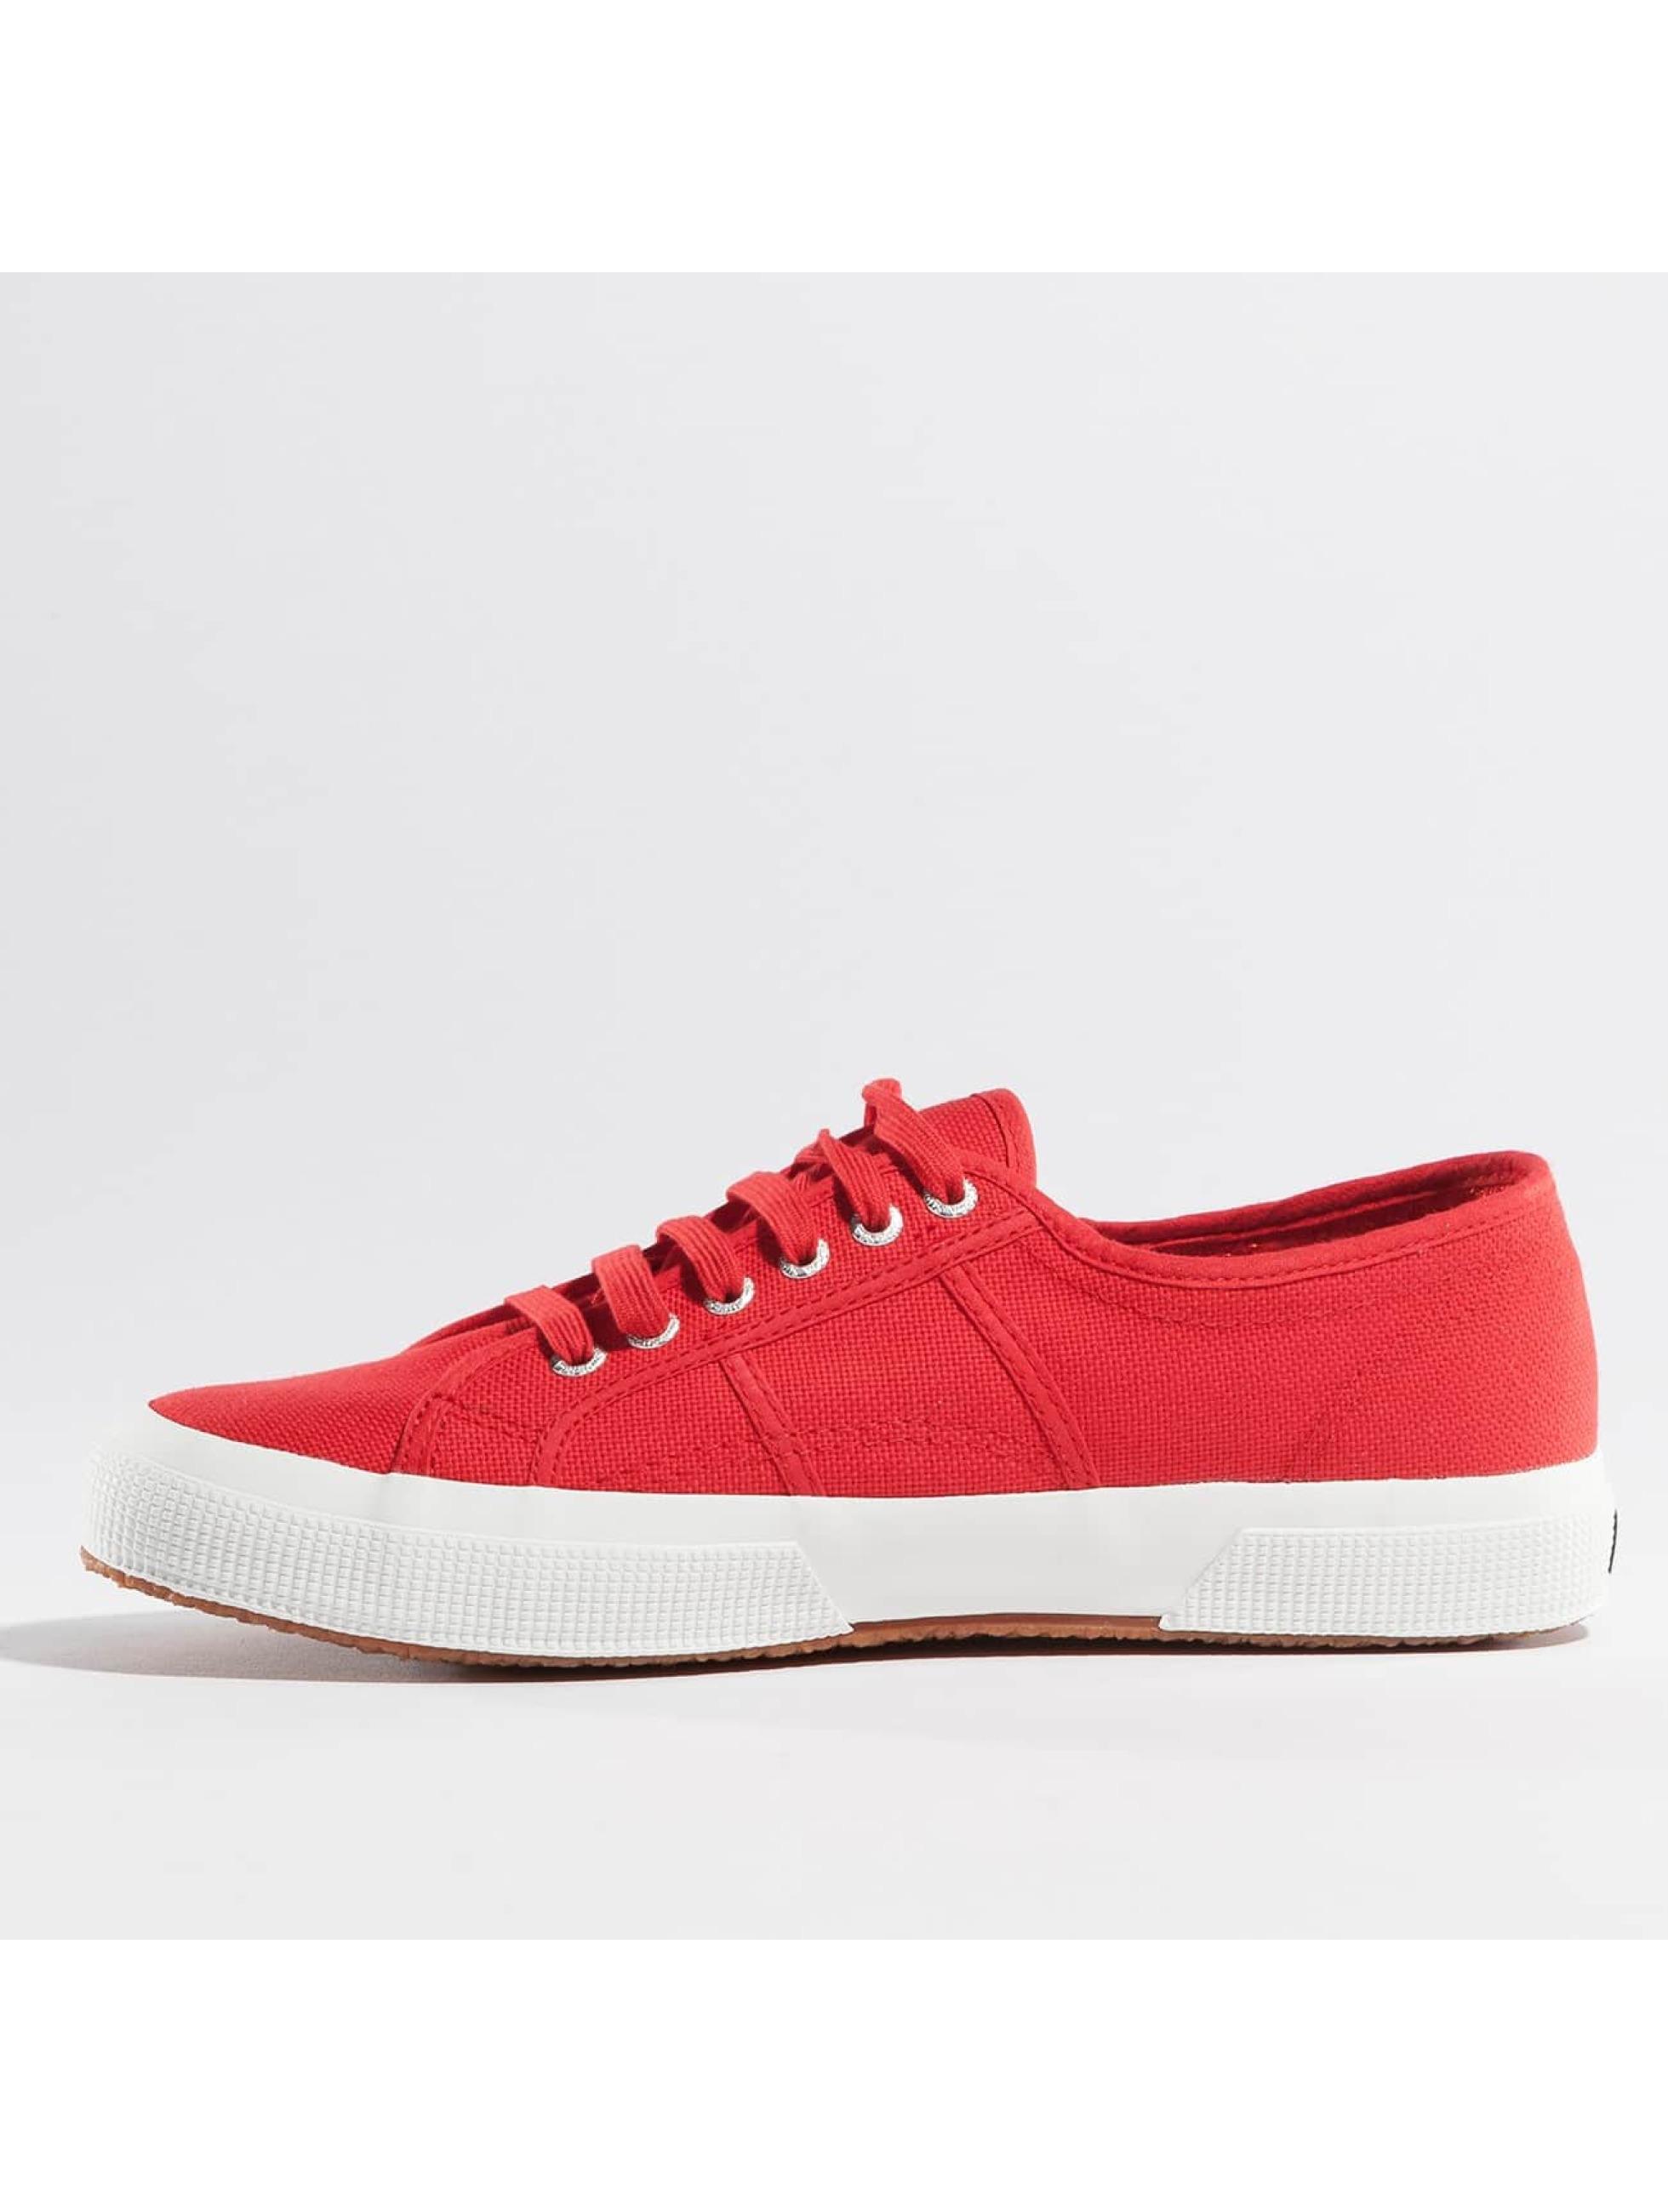 Superga Sneakers 2750 Cotu red